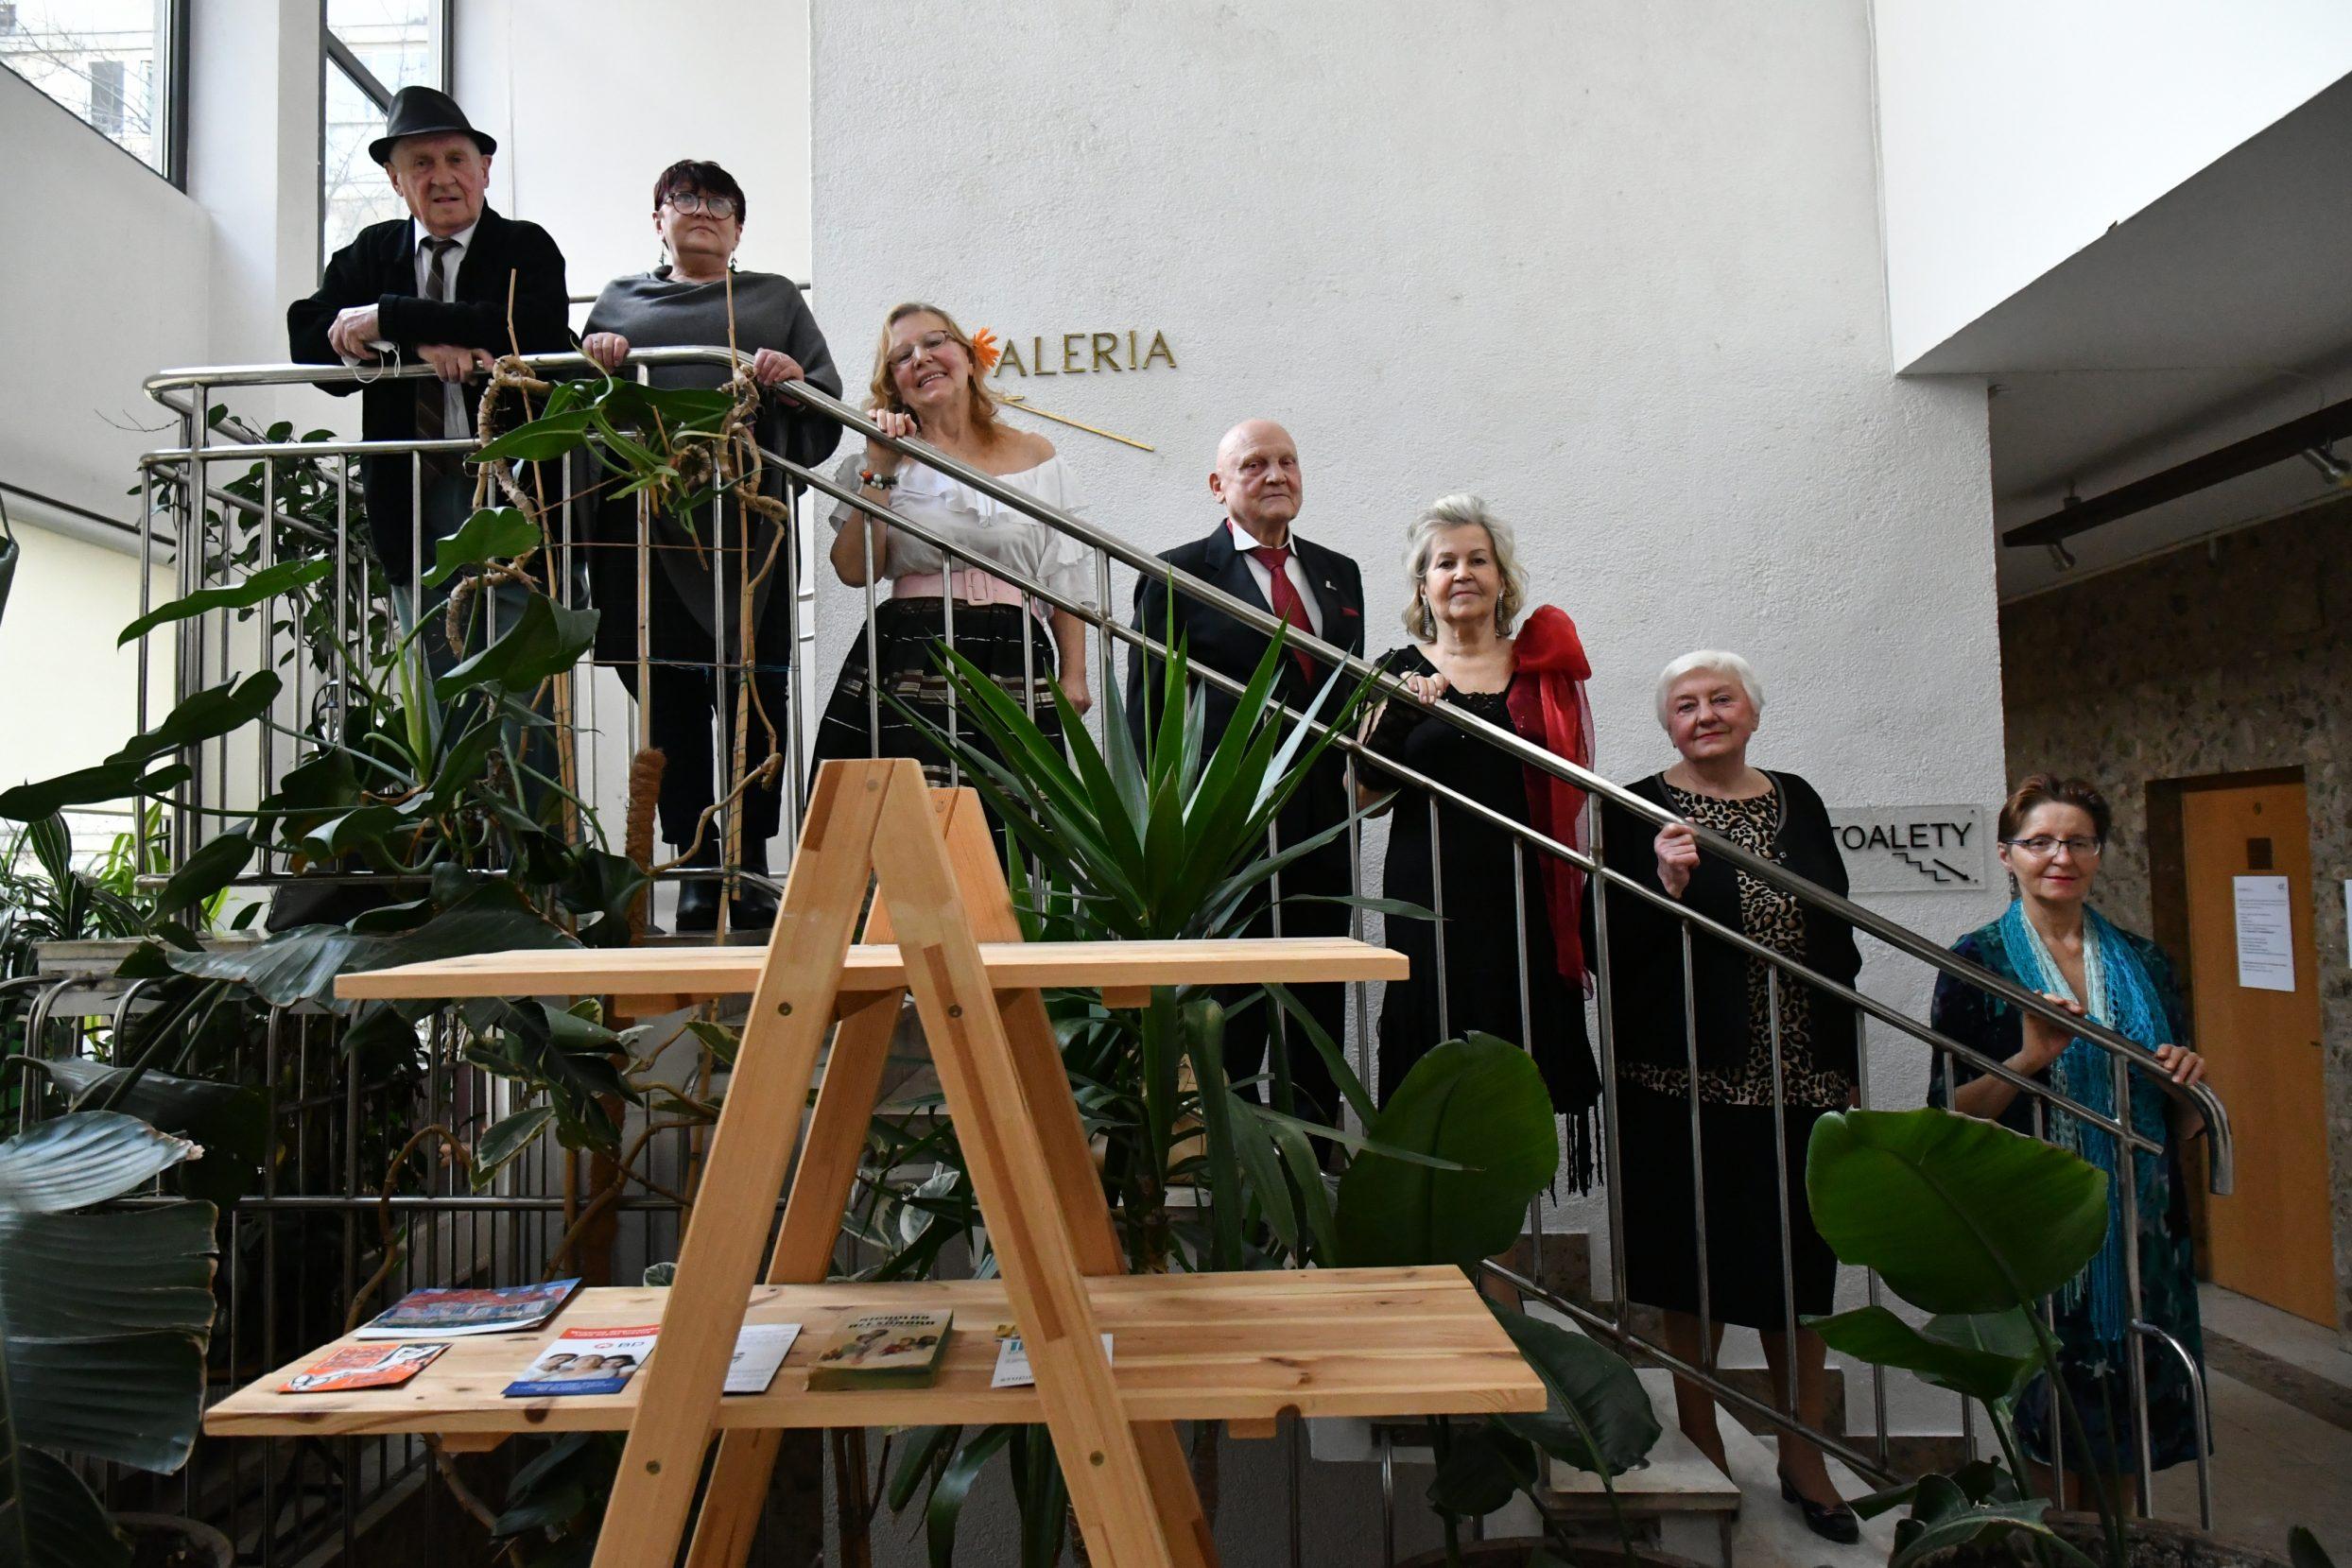 Grupa Sonata- 2 mężczyzn i 4 kobiety stojące na schodach